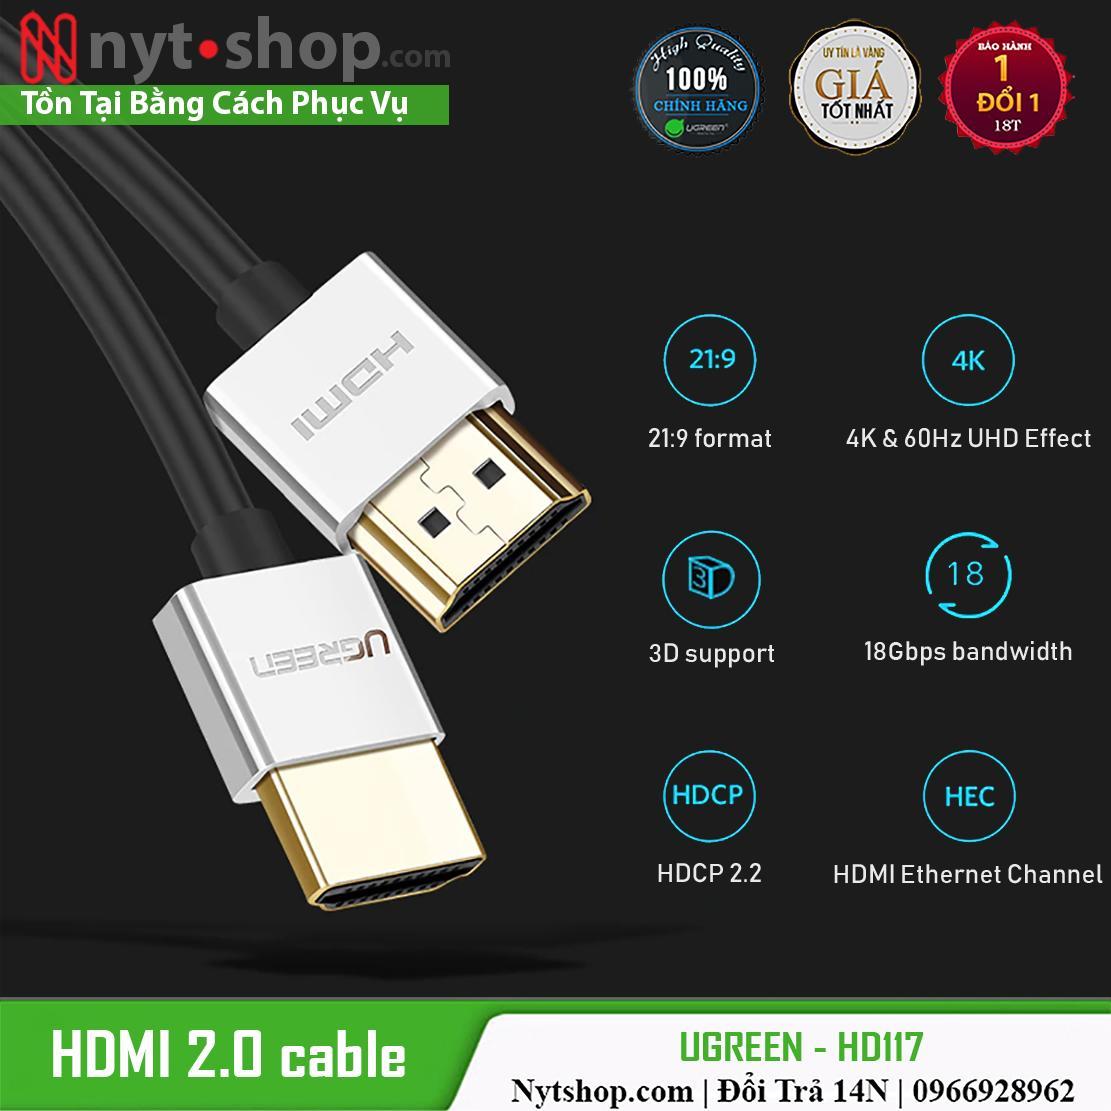 Giá Cáp HDMI 2.0 Sợi Siêu Nhỏ Cao Cấp UGREEN HD117  Chuẩn 4K@60Hz Điện máy Tân Đại Phát